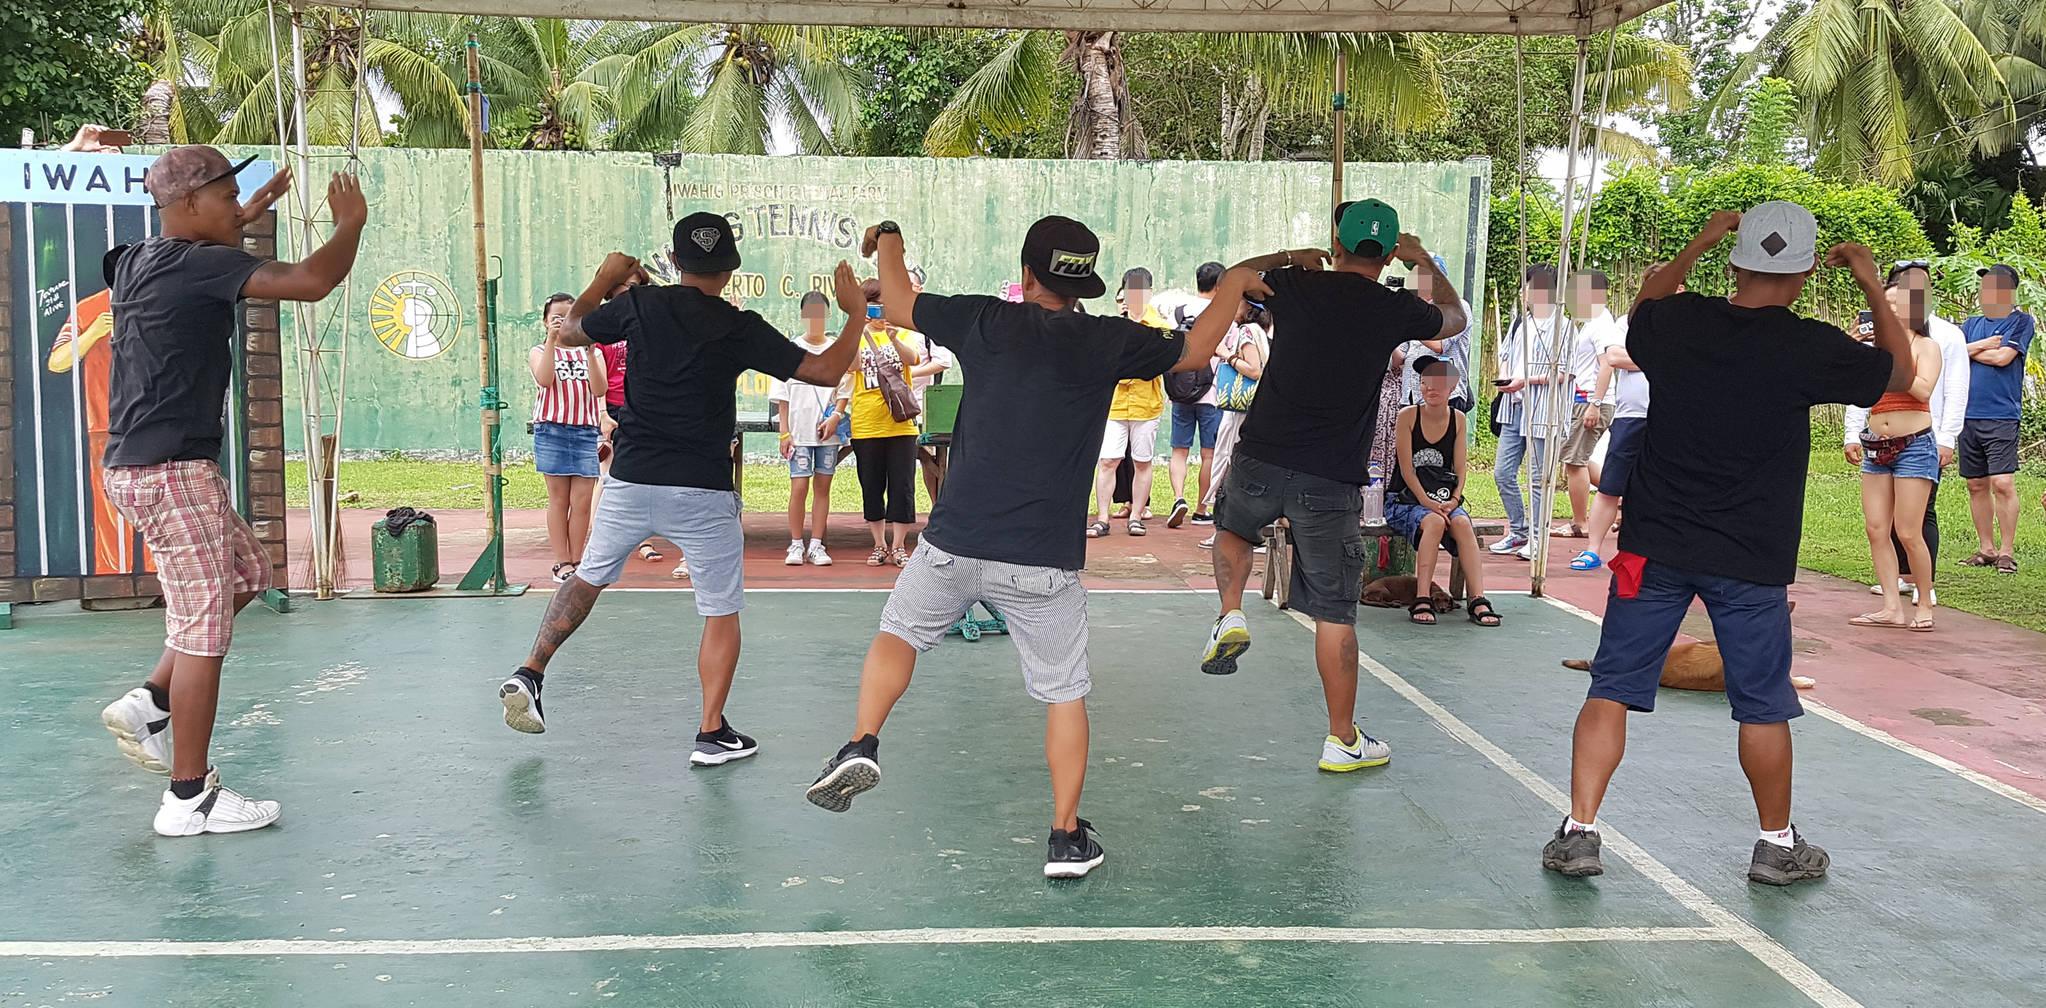 10일 관광객들 앞에서 가수 싸이의 '마더파더 젠틀맨'과 모모랜드의 '뿜뿜'에 맞춰 공연을 하고 있는 필리핀 팔라완 이와힉 개방 교도소 죄수들.변선구 기자